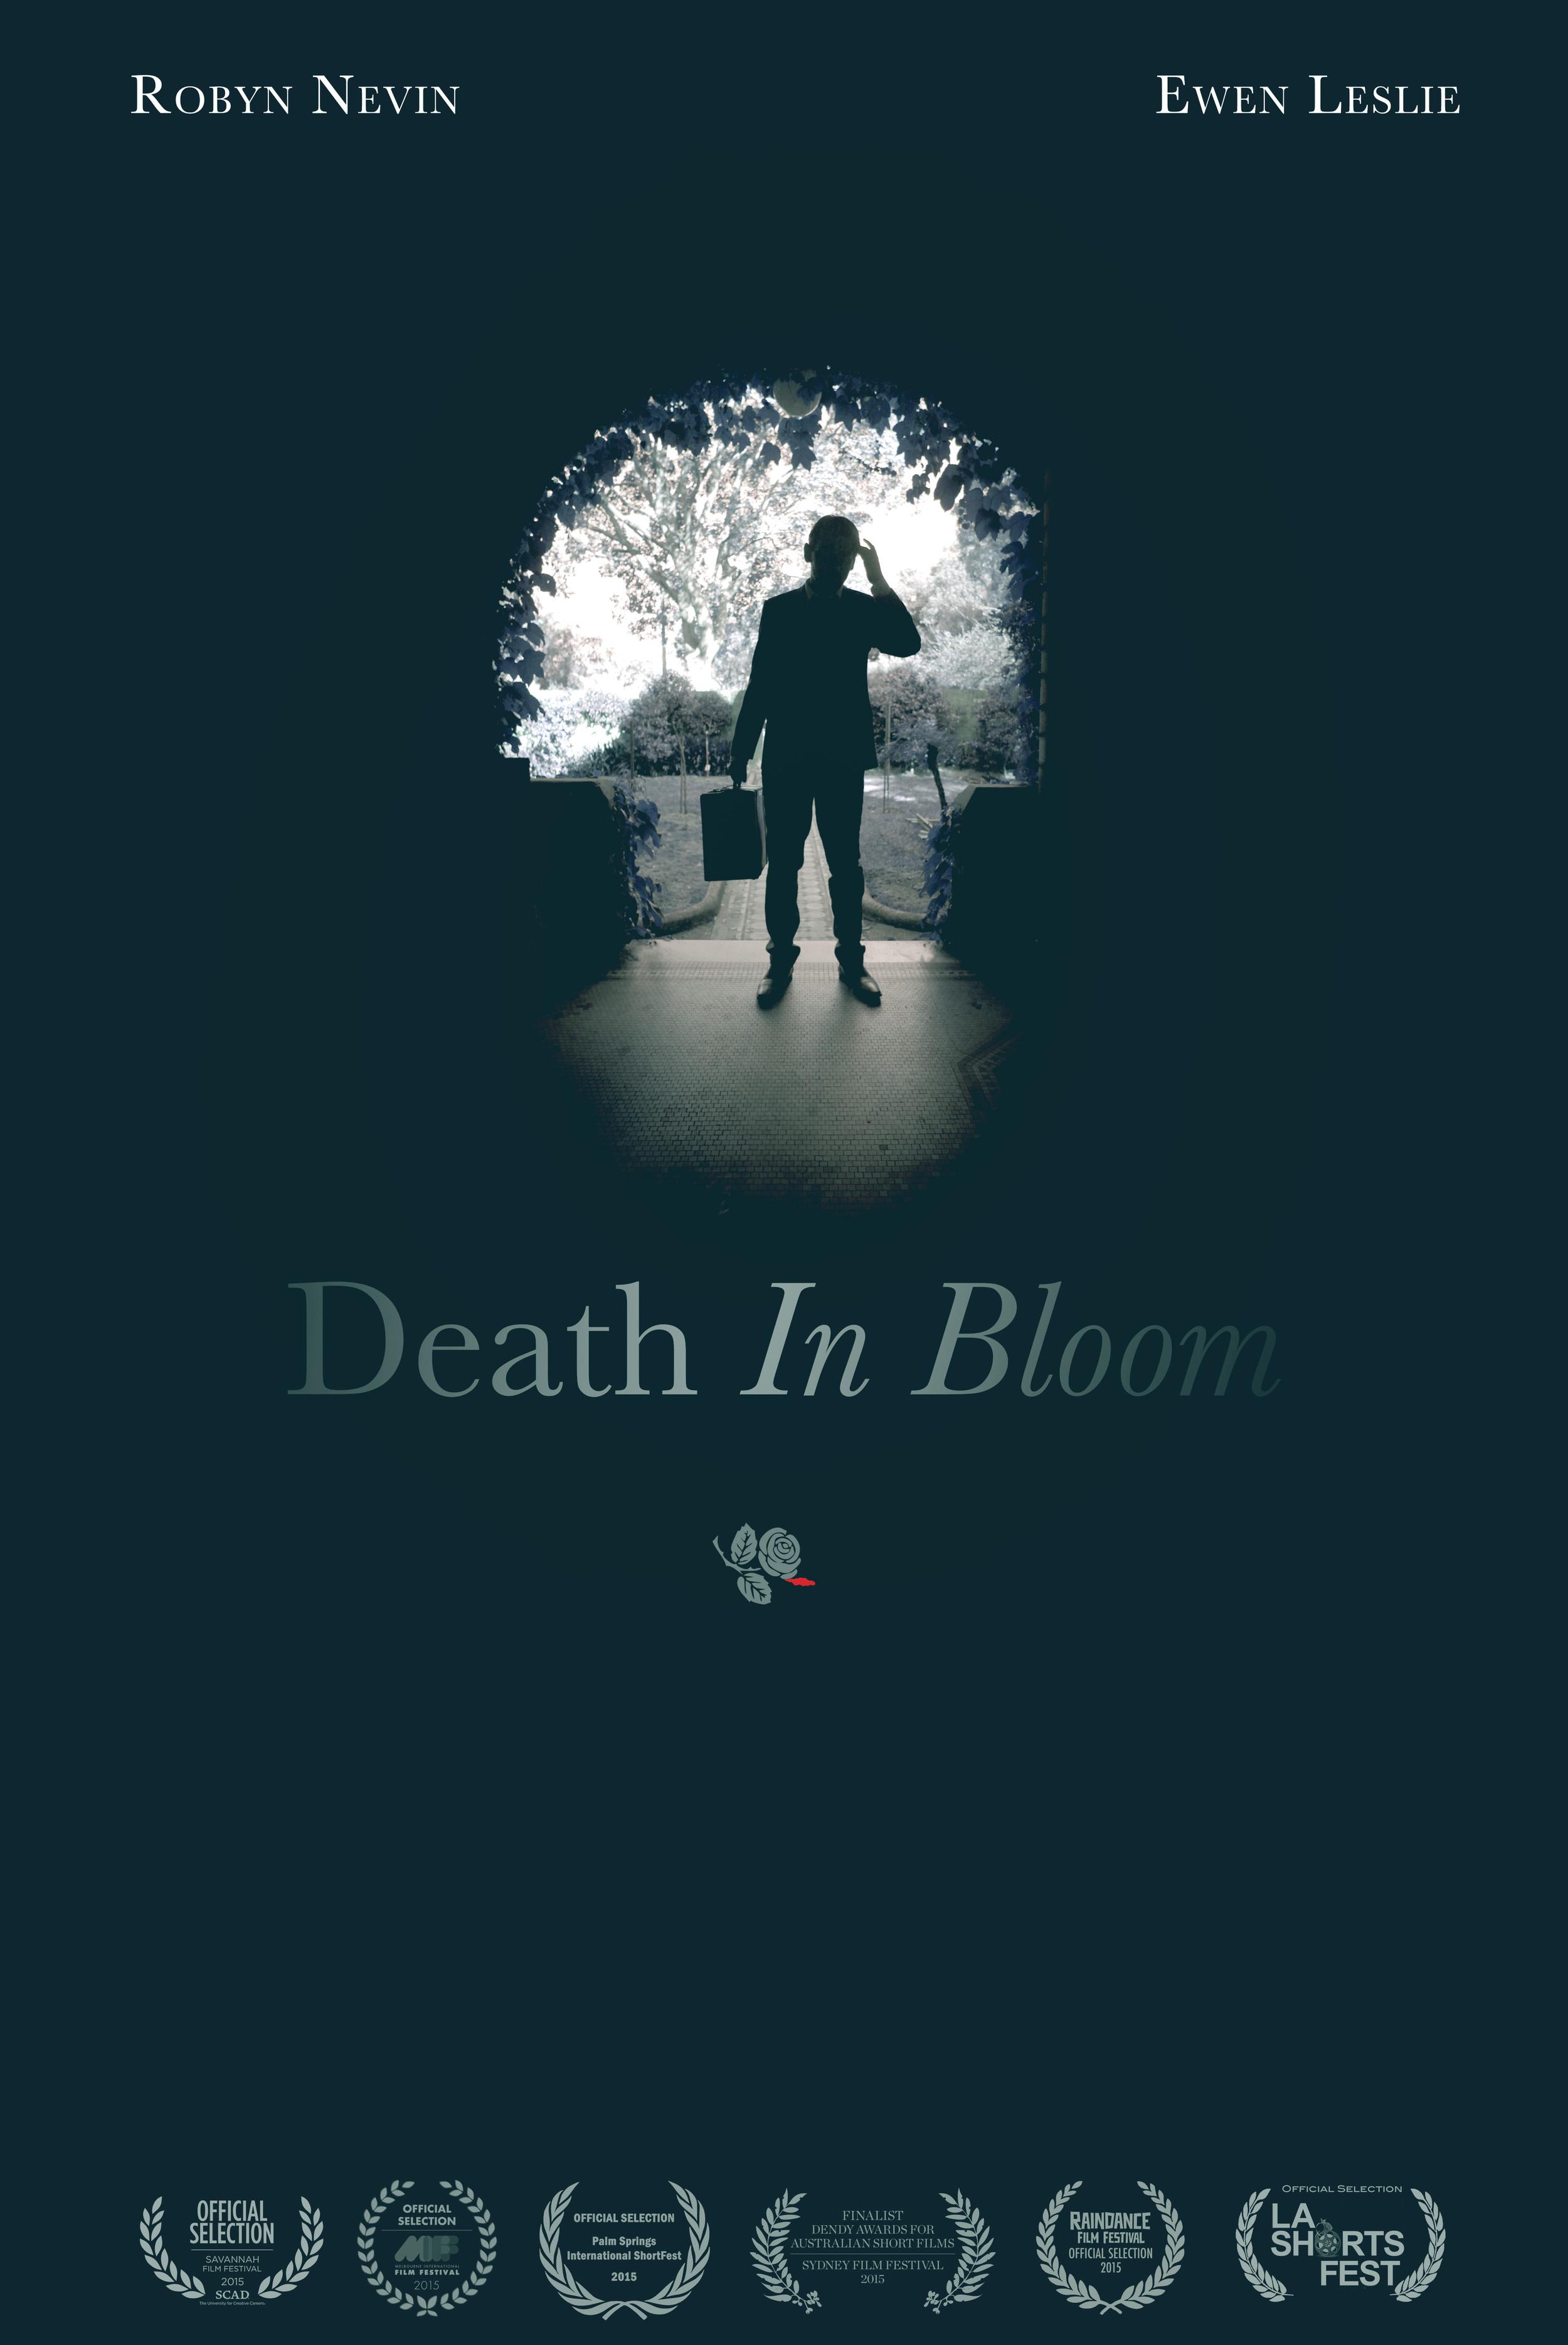 DEATH IN BLOOM POSTER_laurels.jpg